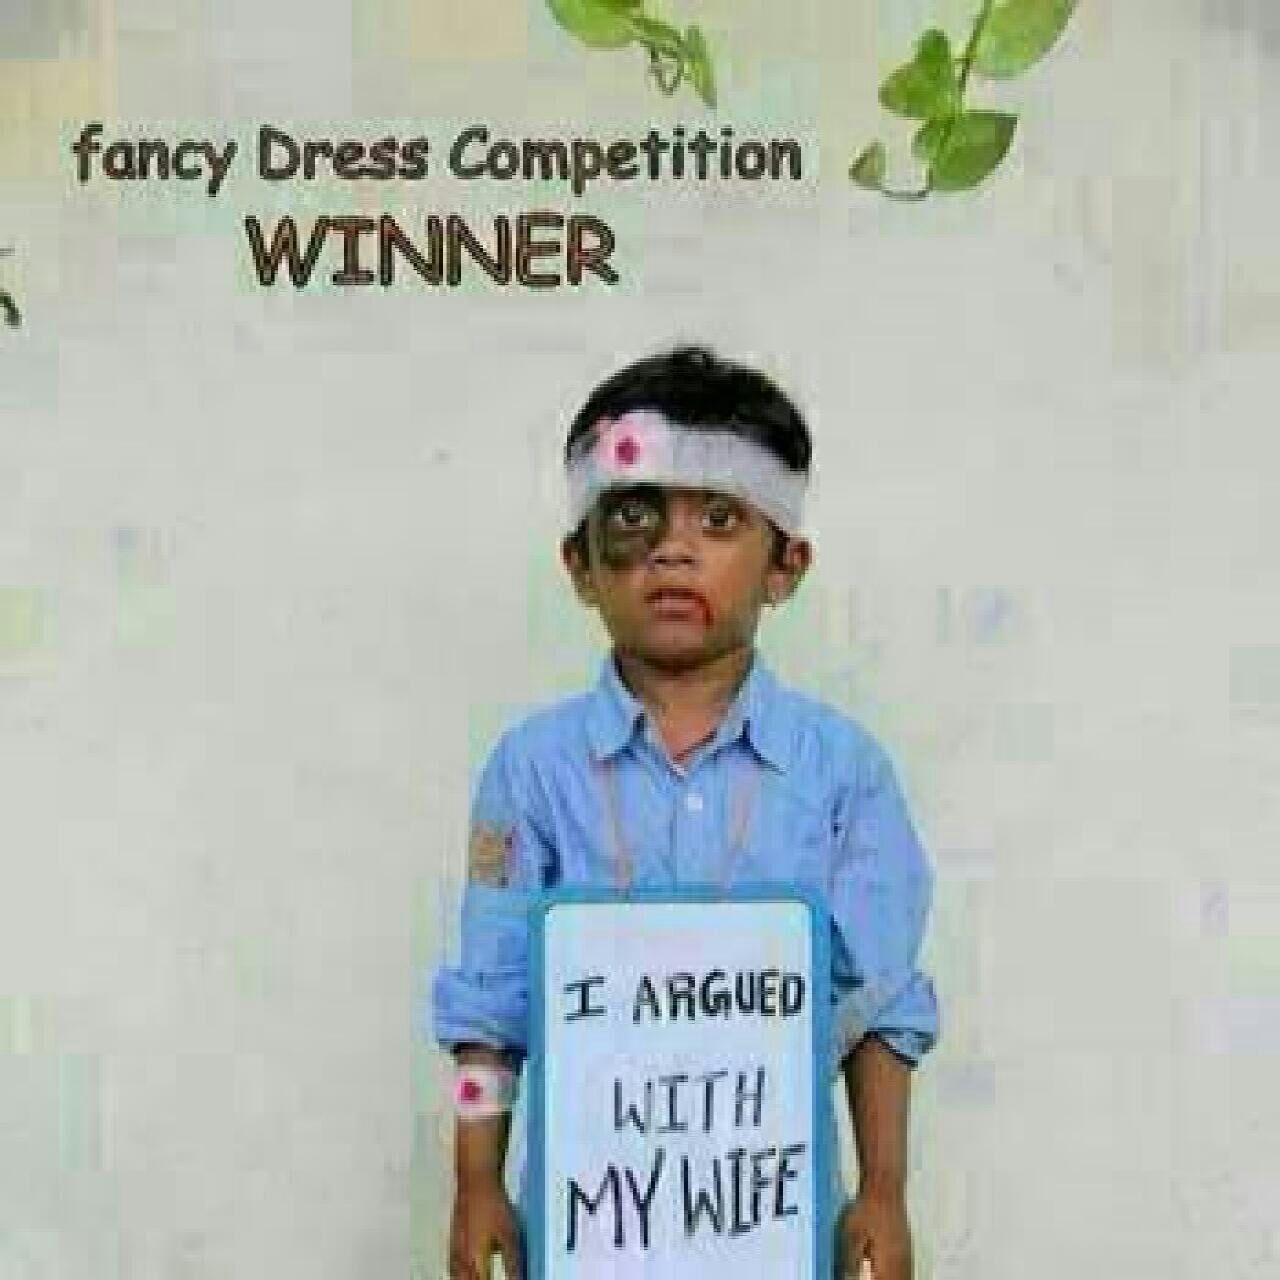 Fancy dress competition winner - meme